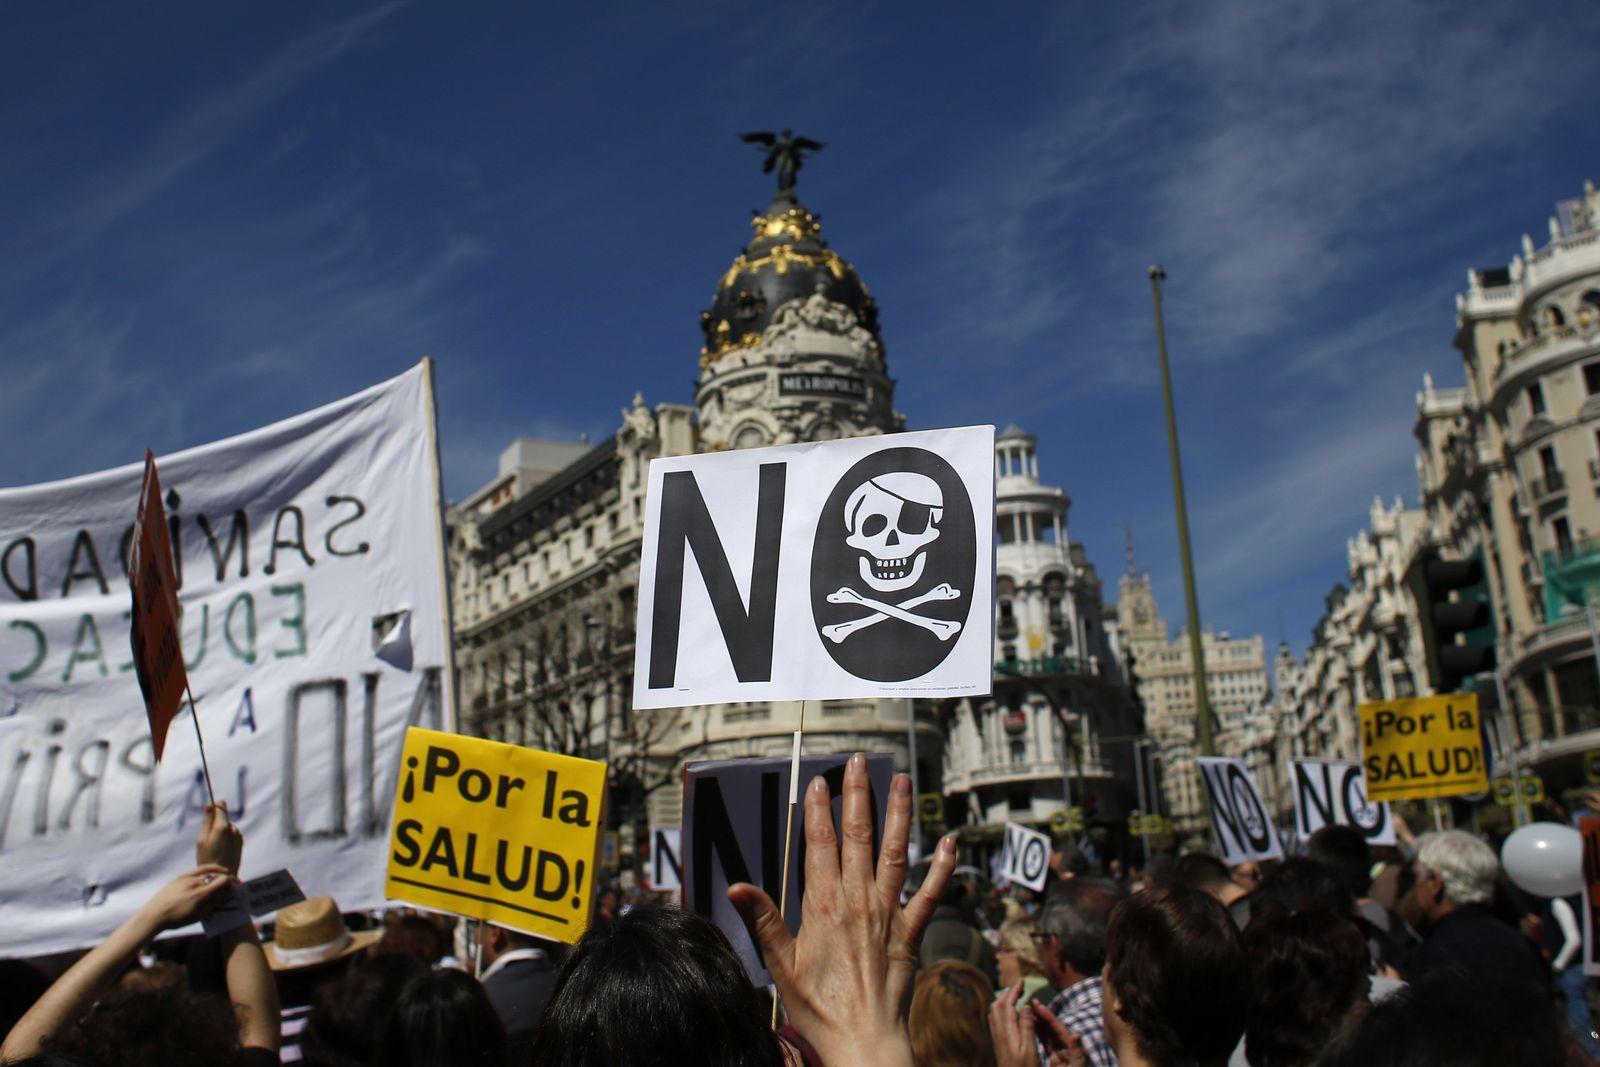 SPAIN/